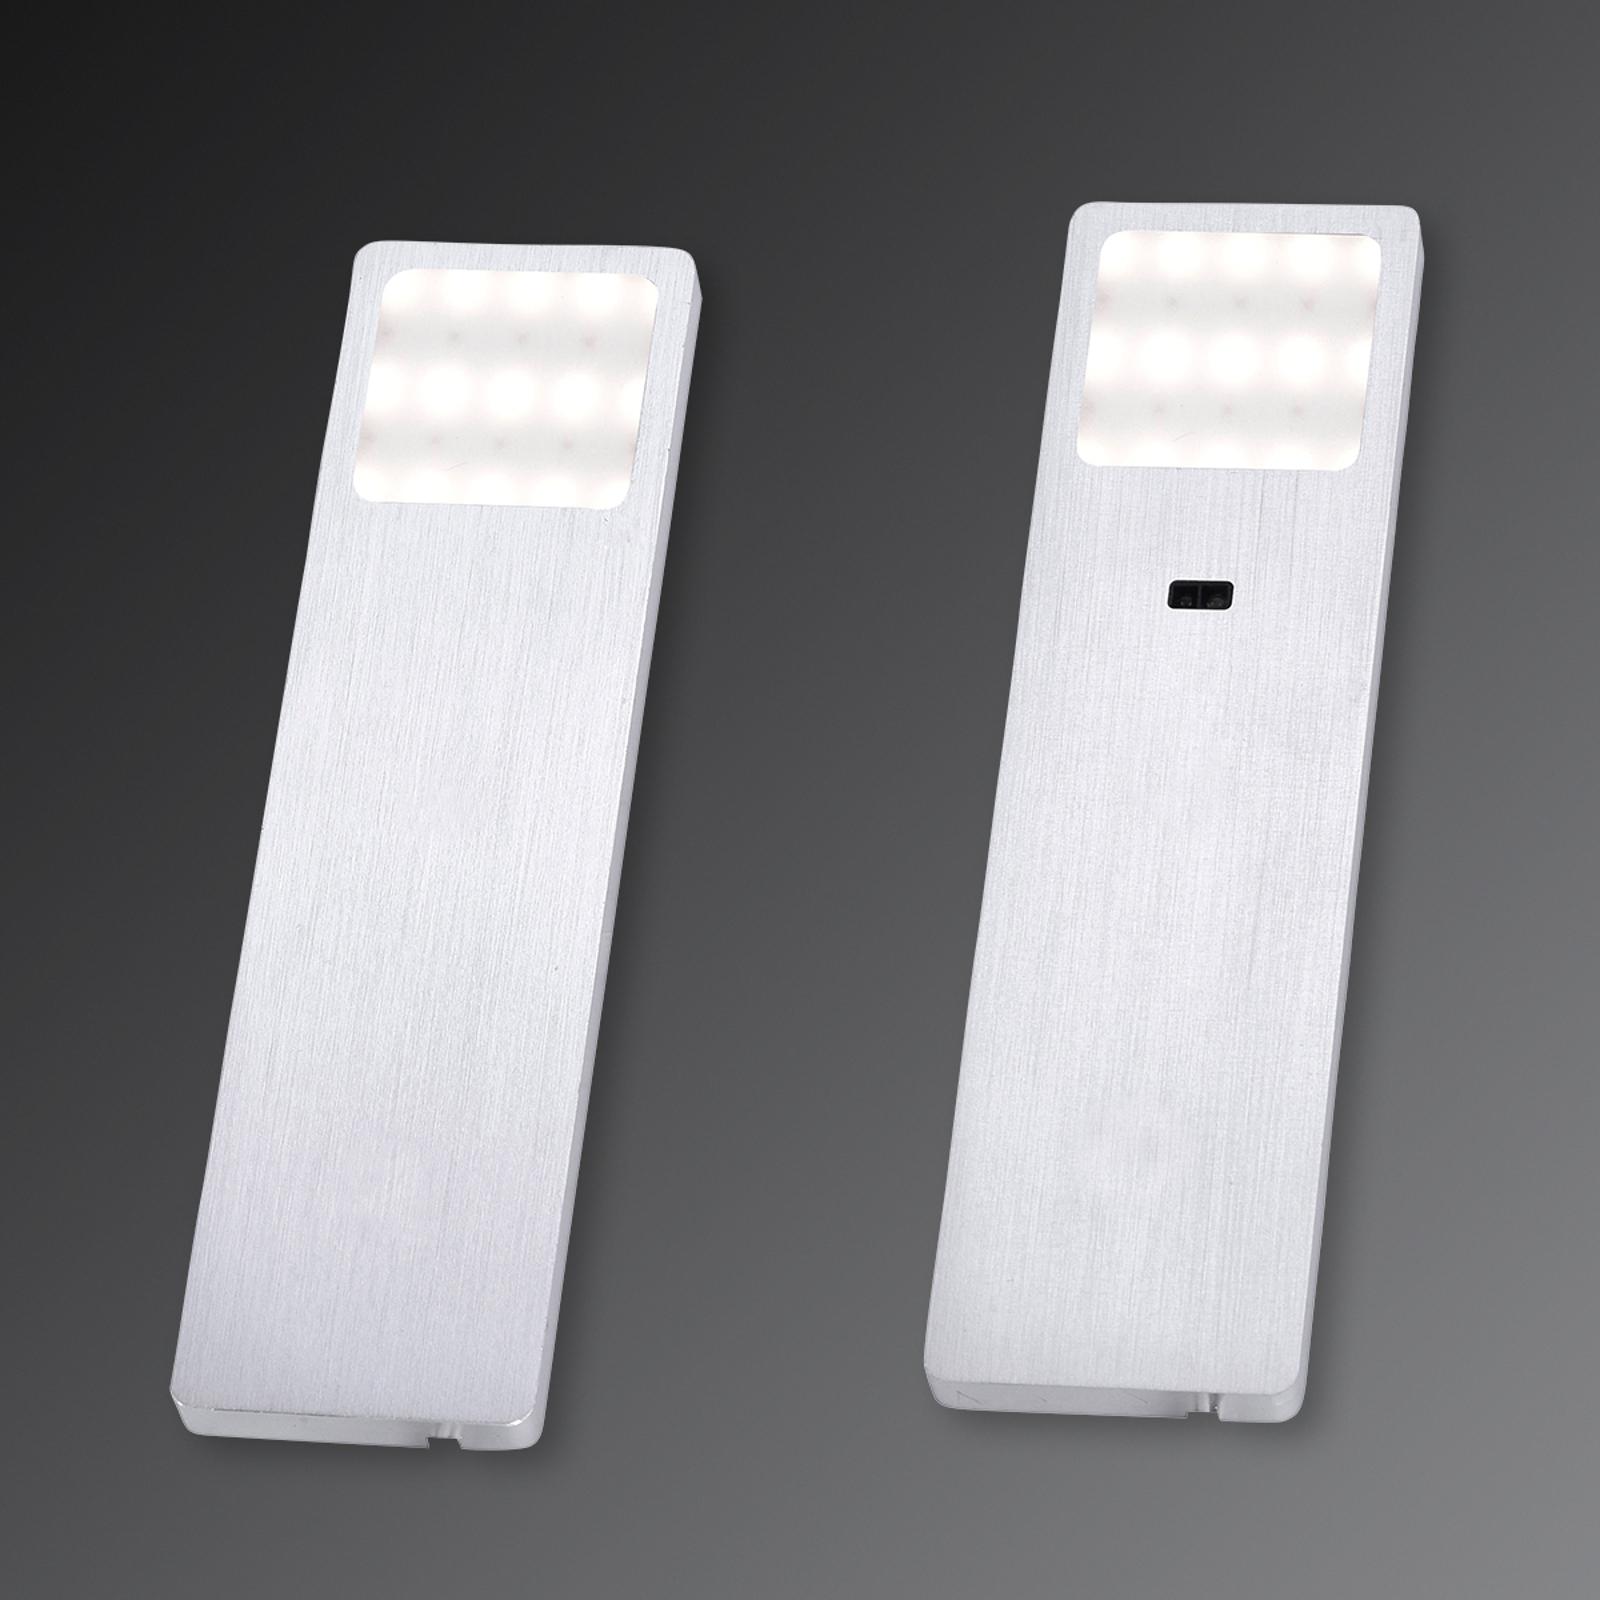 Helena LED-tunnistin-kaapinalusvalaisin 5 cm 2 kpl